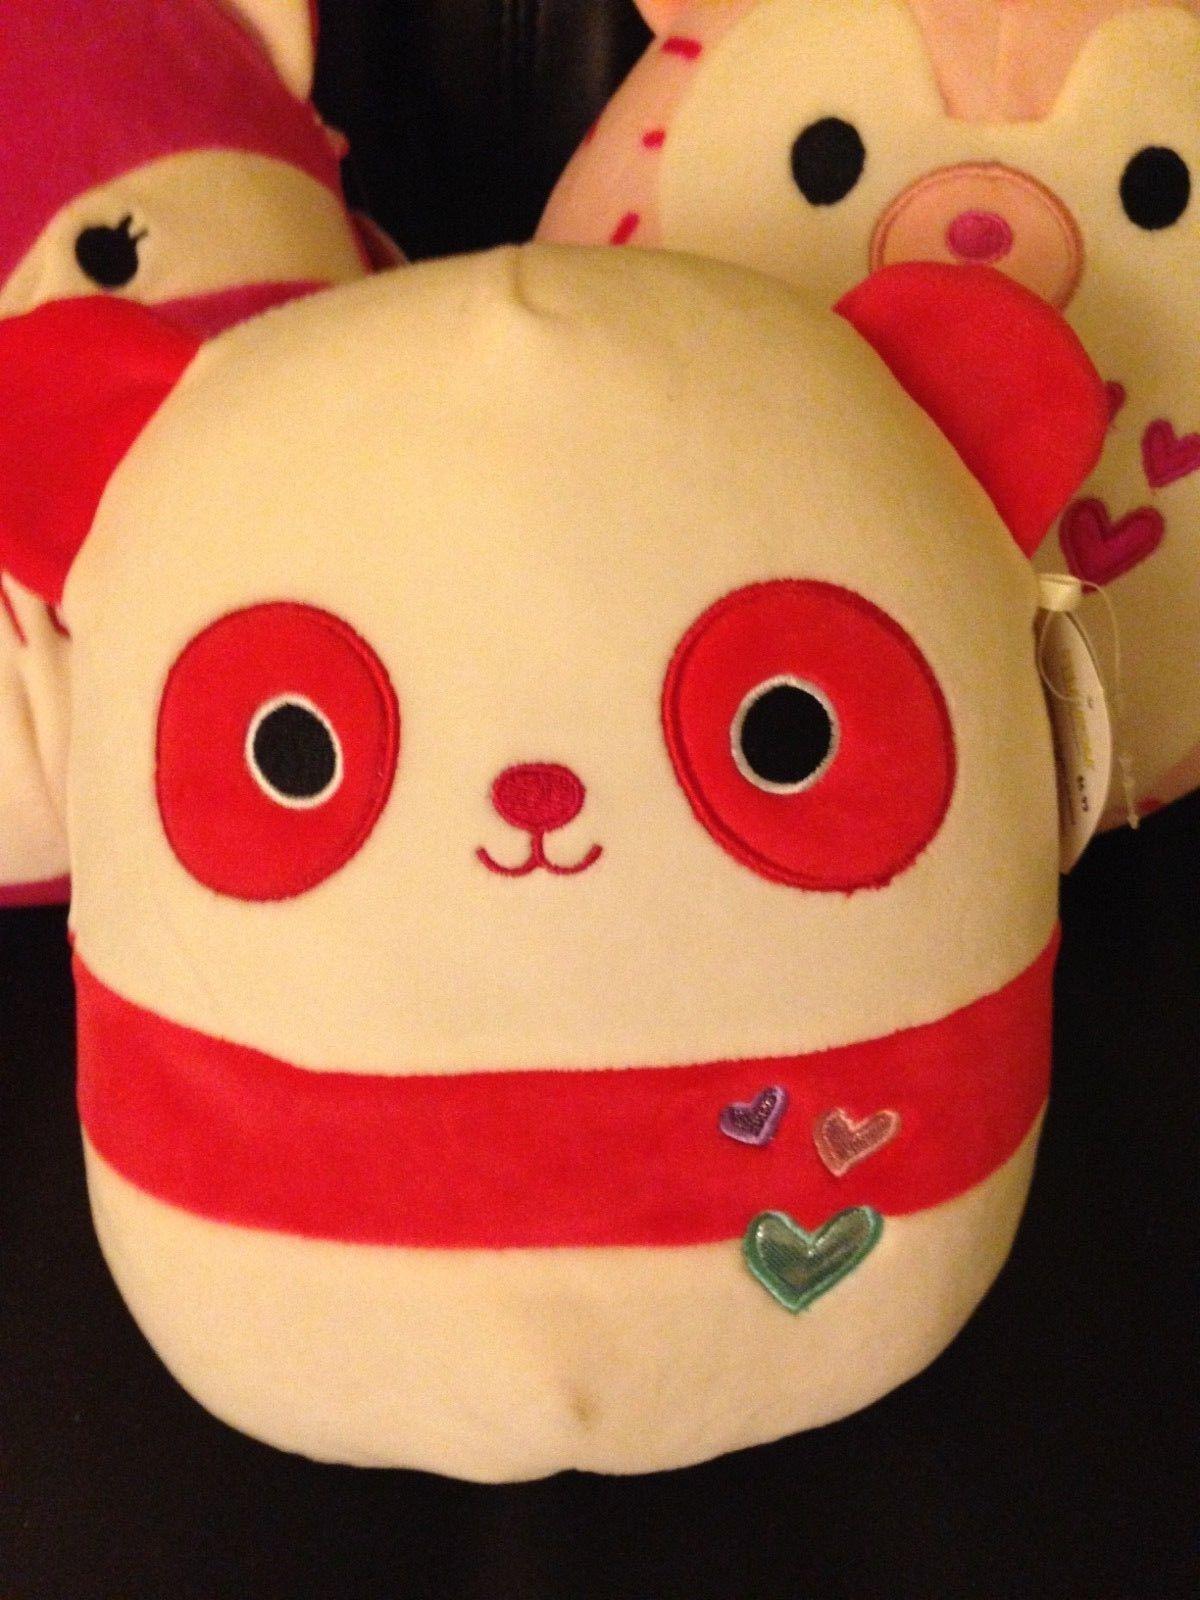 New Squishmallow Red Panda Penelope 8 Valentine Plush Pillow Washable Valentine Plush Plush Pillows Red Panda